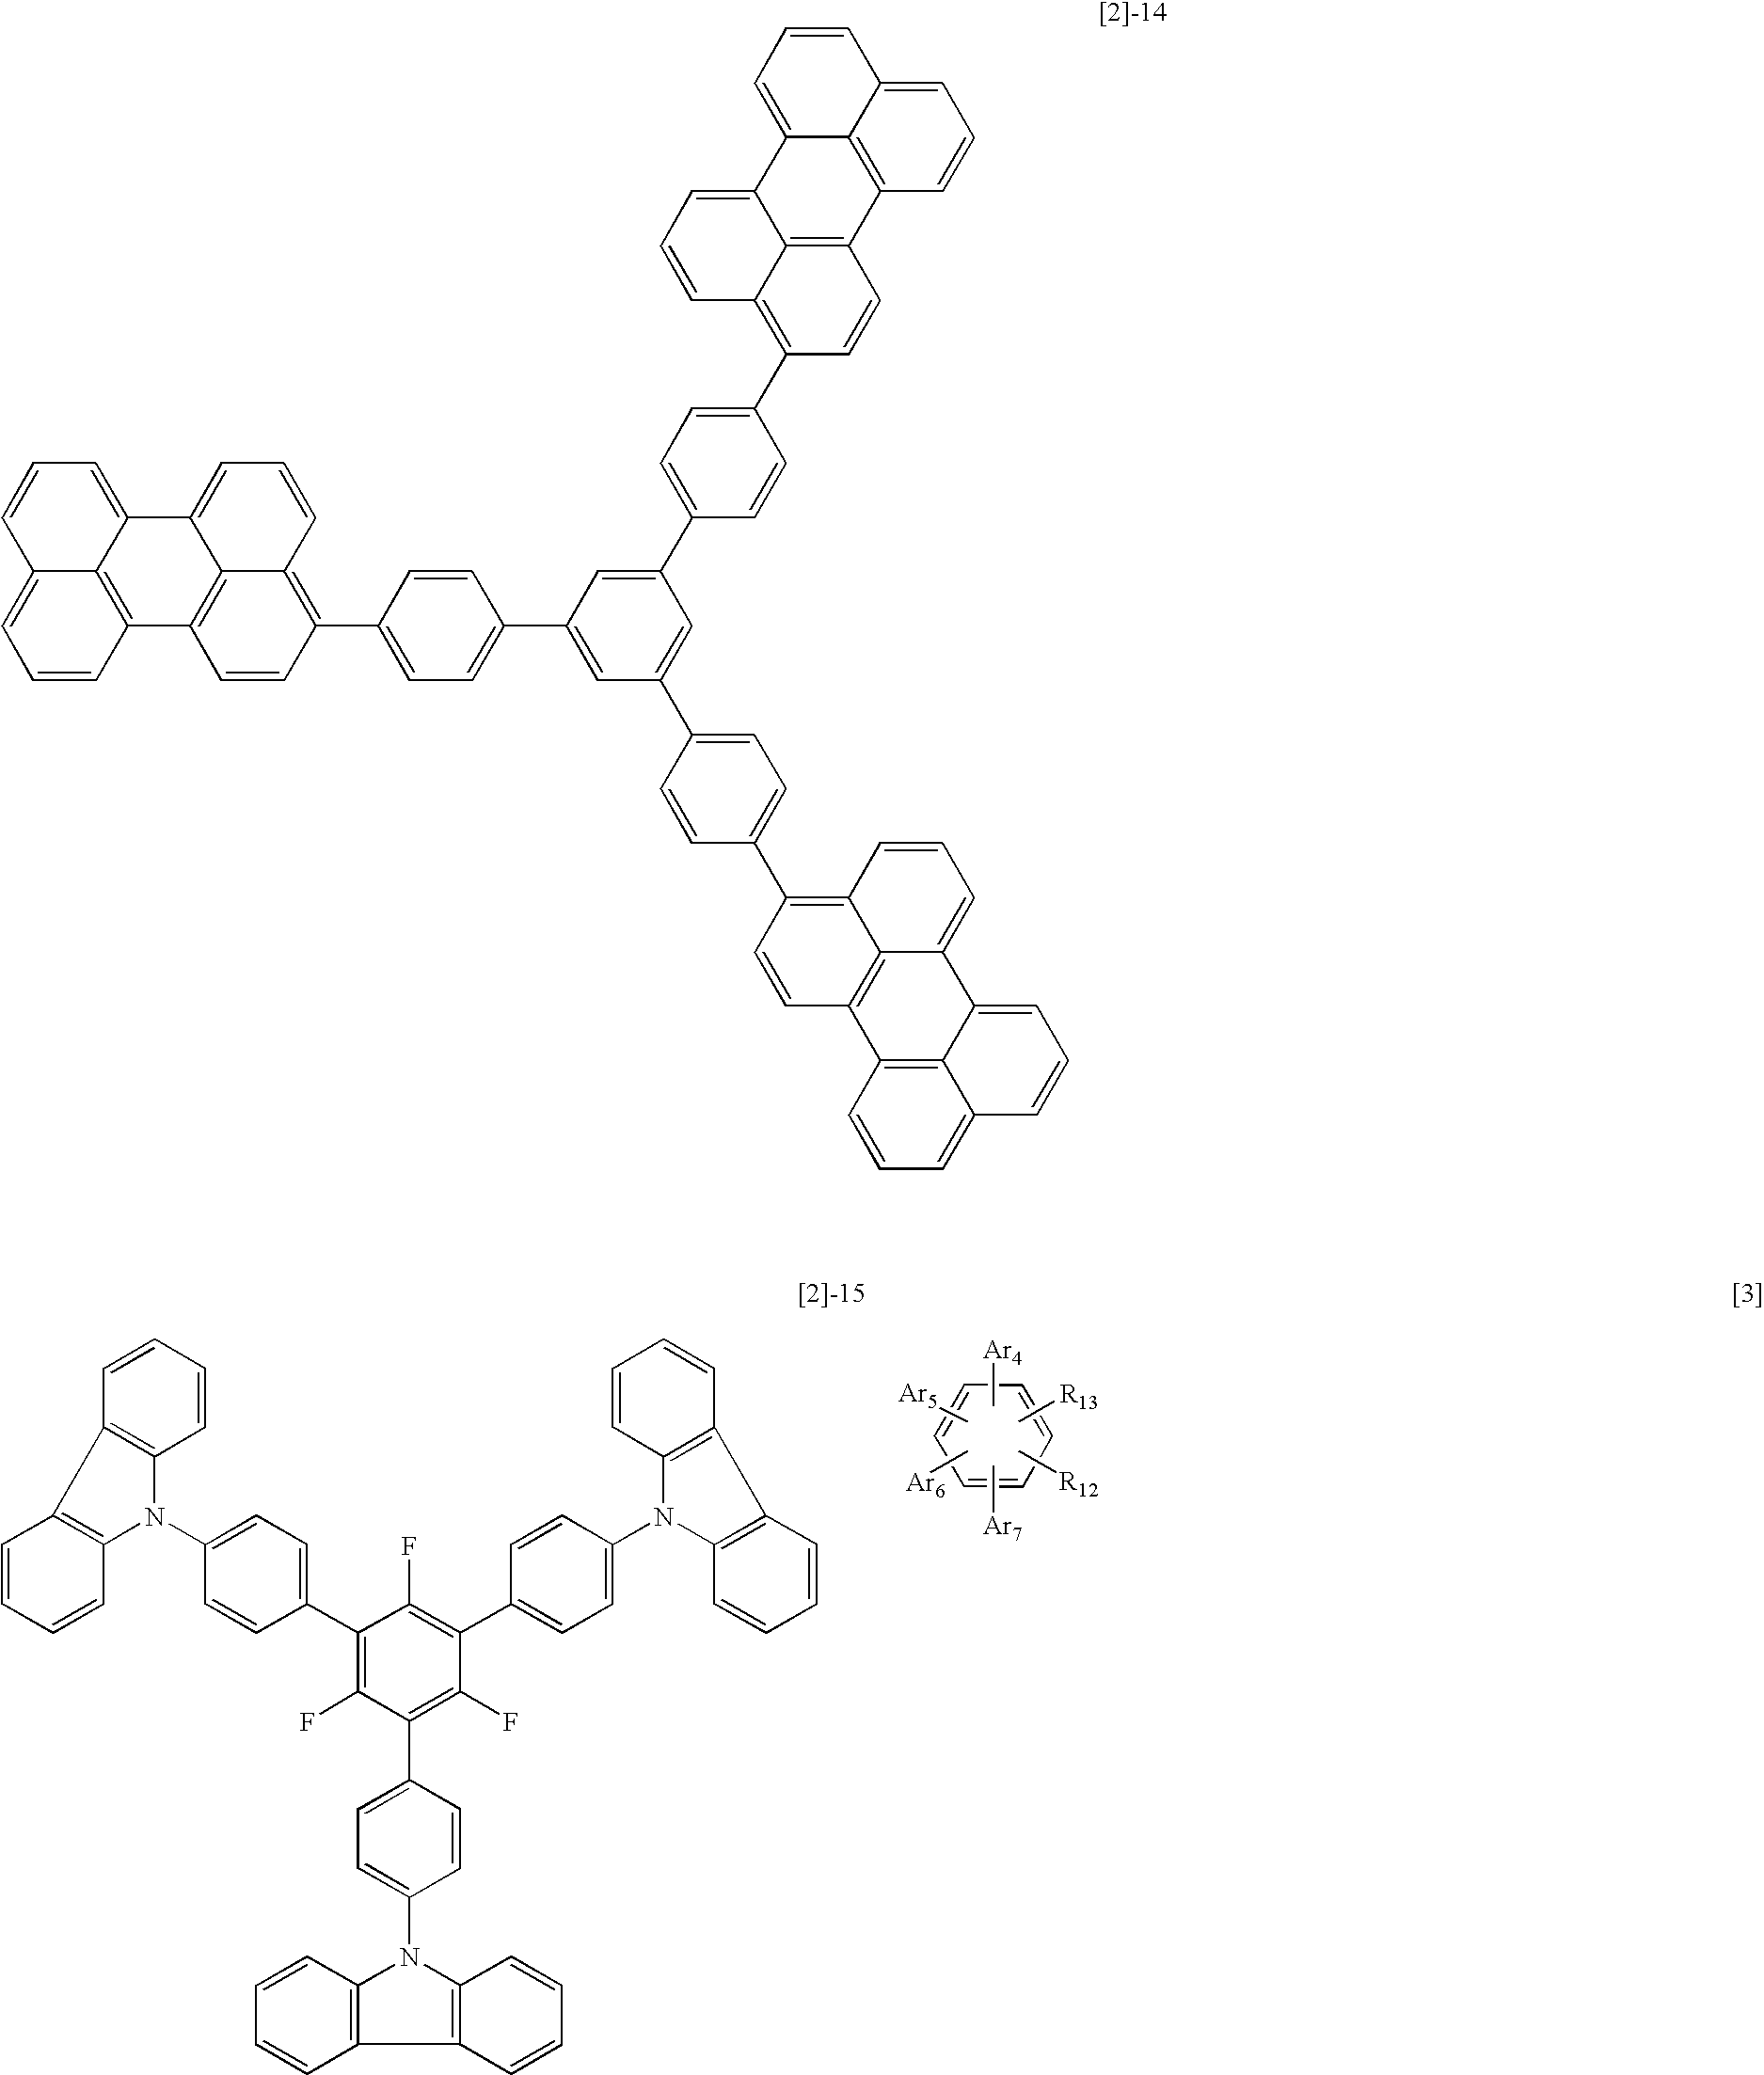 Figure US20060068221A1-20060330-C00342